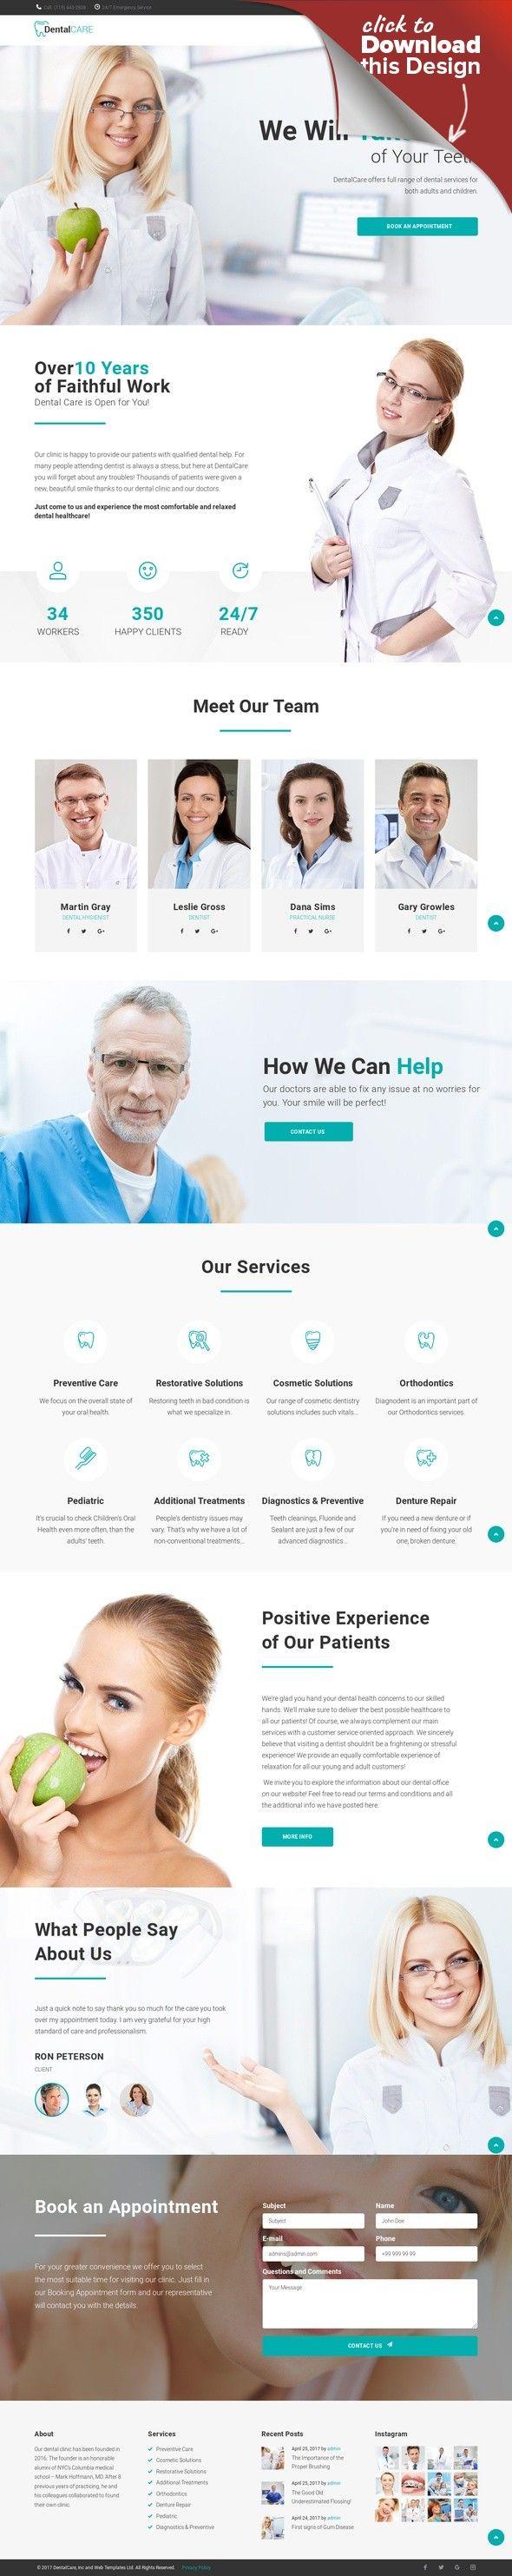 Modello WordPress Responsive #65156 per Un Sito di Odontoiatria Modelli CMS e Blog, Temi Wordpress, Template Settore Medico, Template Odontoiatria   Modello WordPress per Un Sito di Odontoiatria. Funzionalità aggiuntive, documentazione dettagliata e immagini stock incluse.